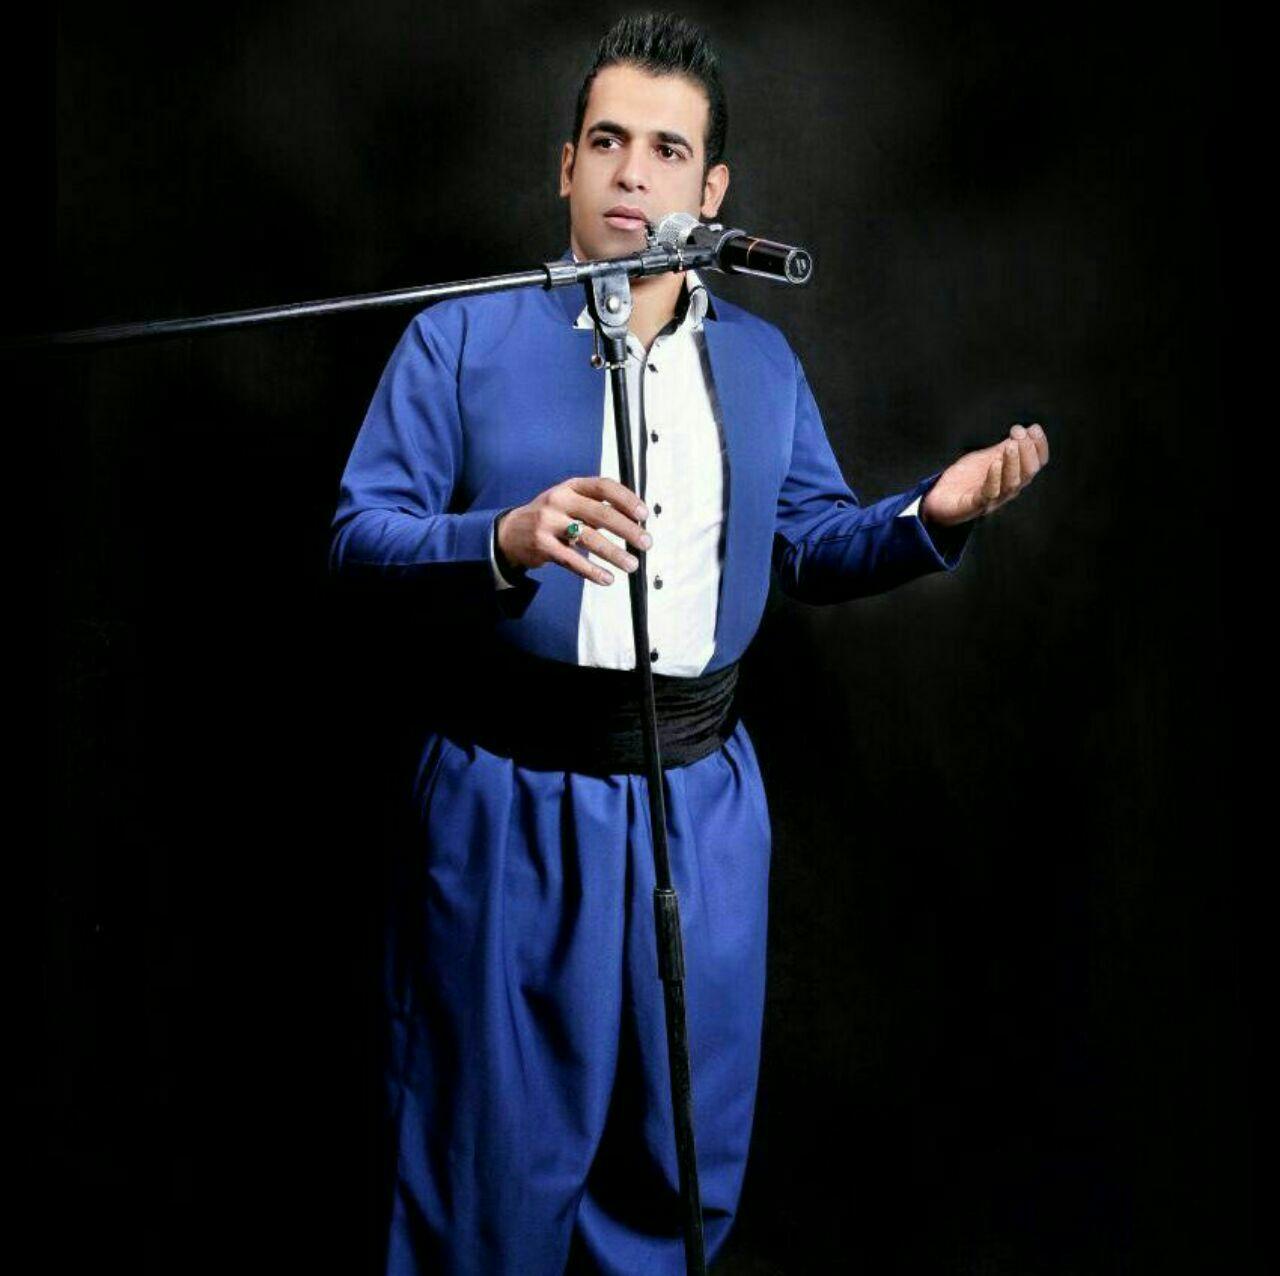 دانلود آهنگ جدید سامان حسینی به نام سوزه